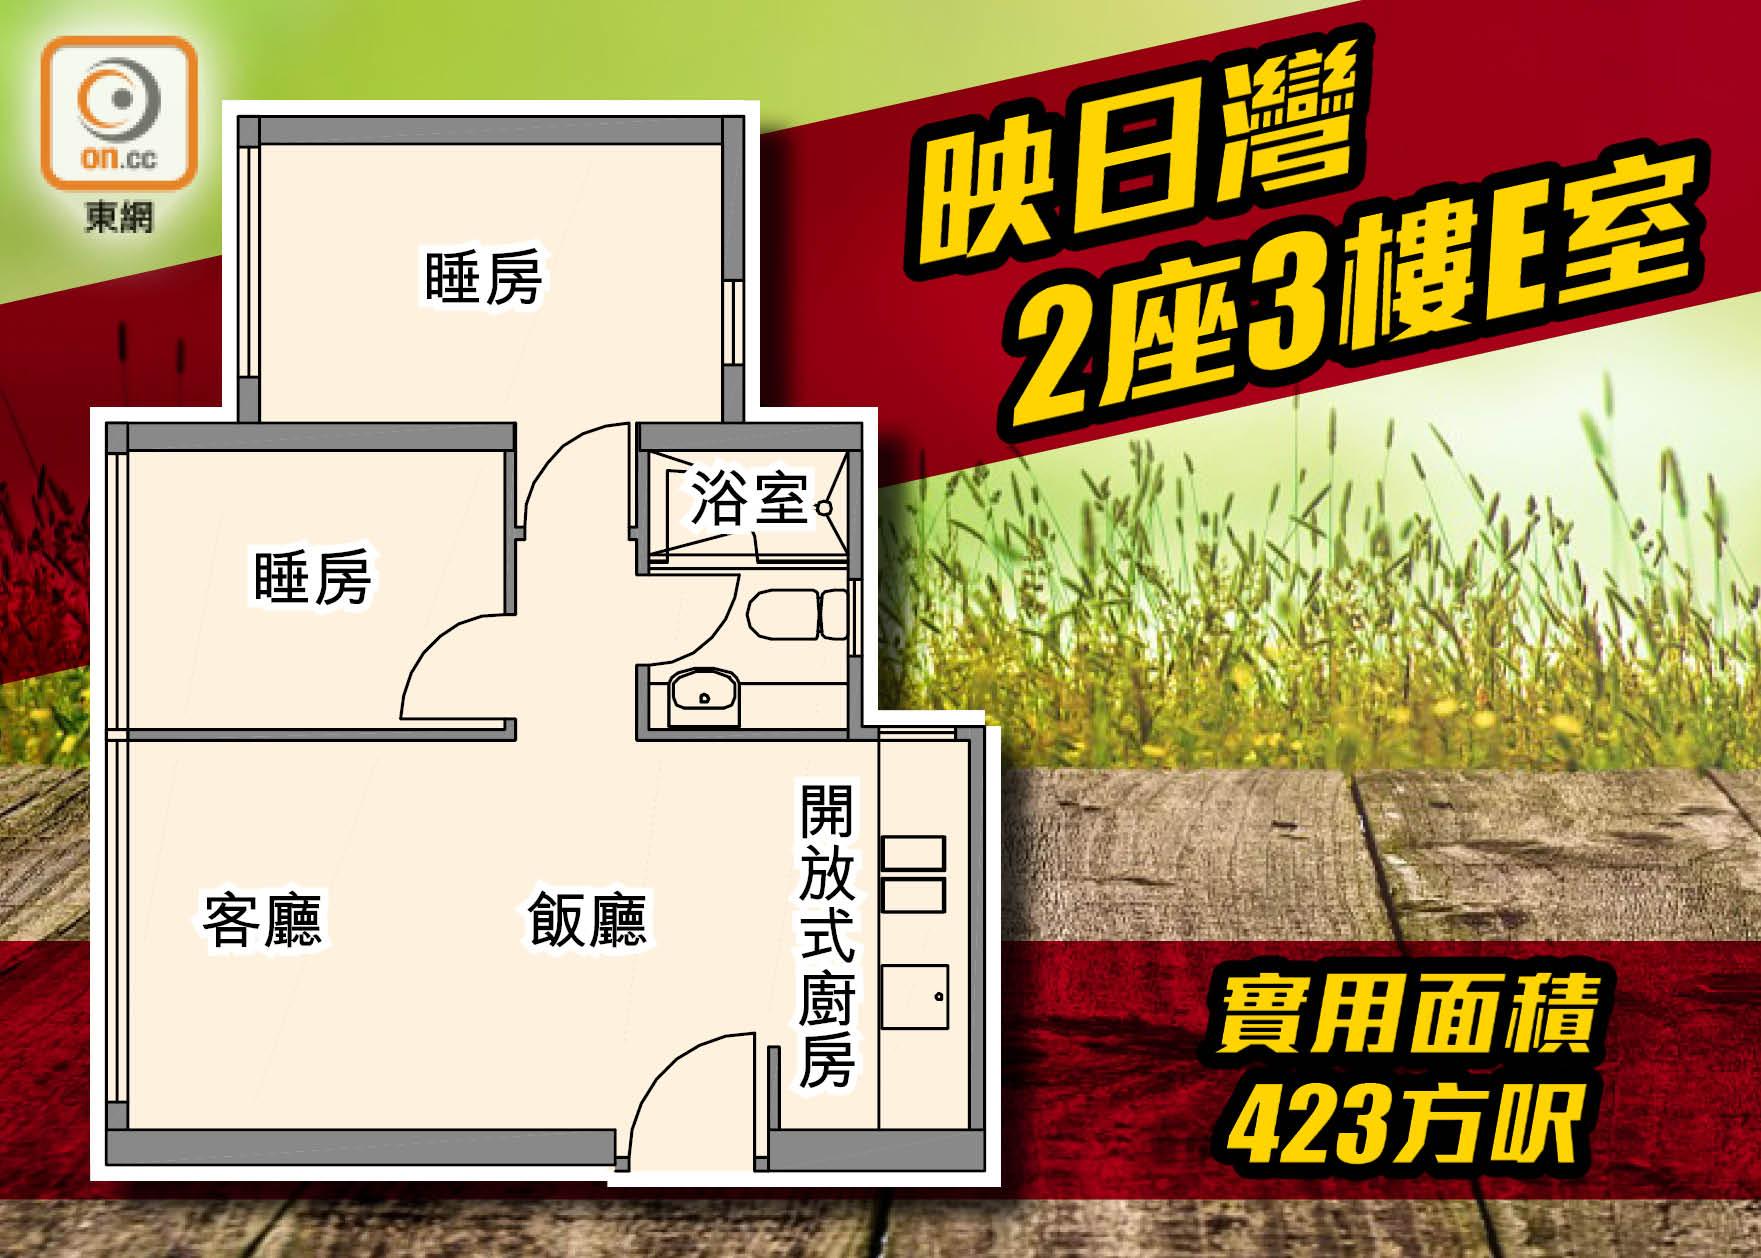 地產 買樓 樓 地產代理 新盤